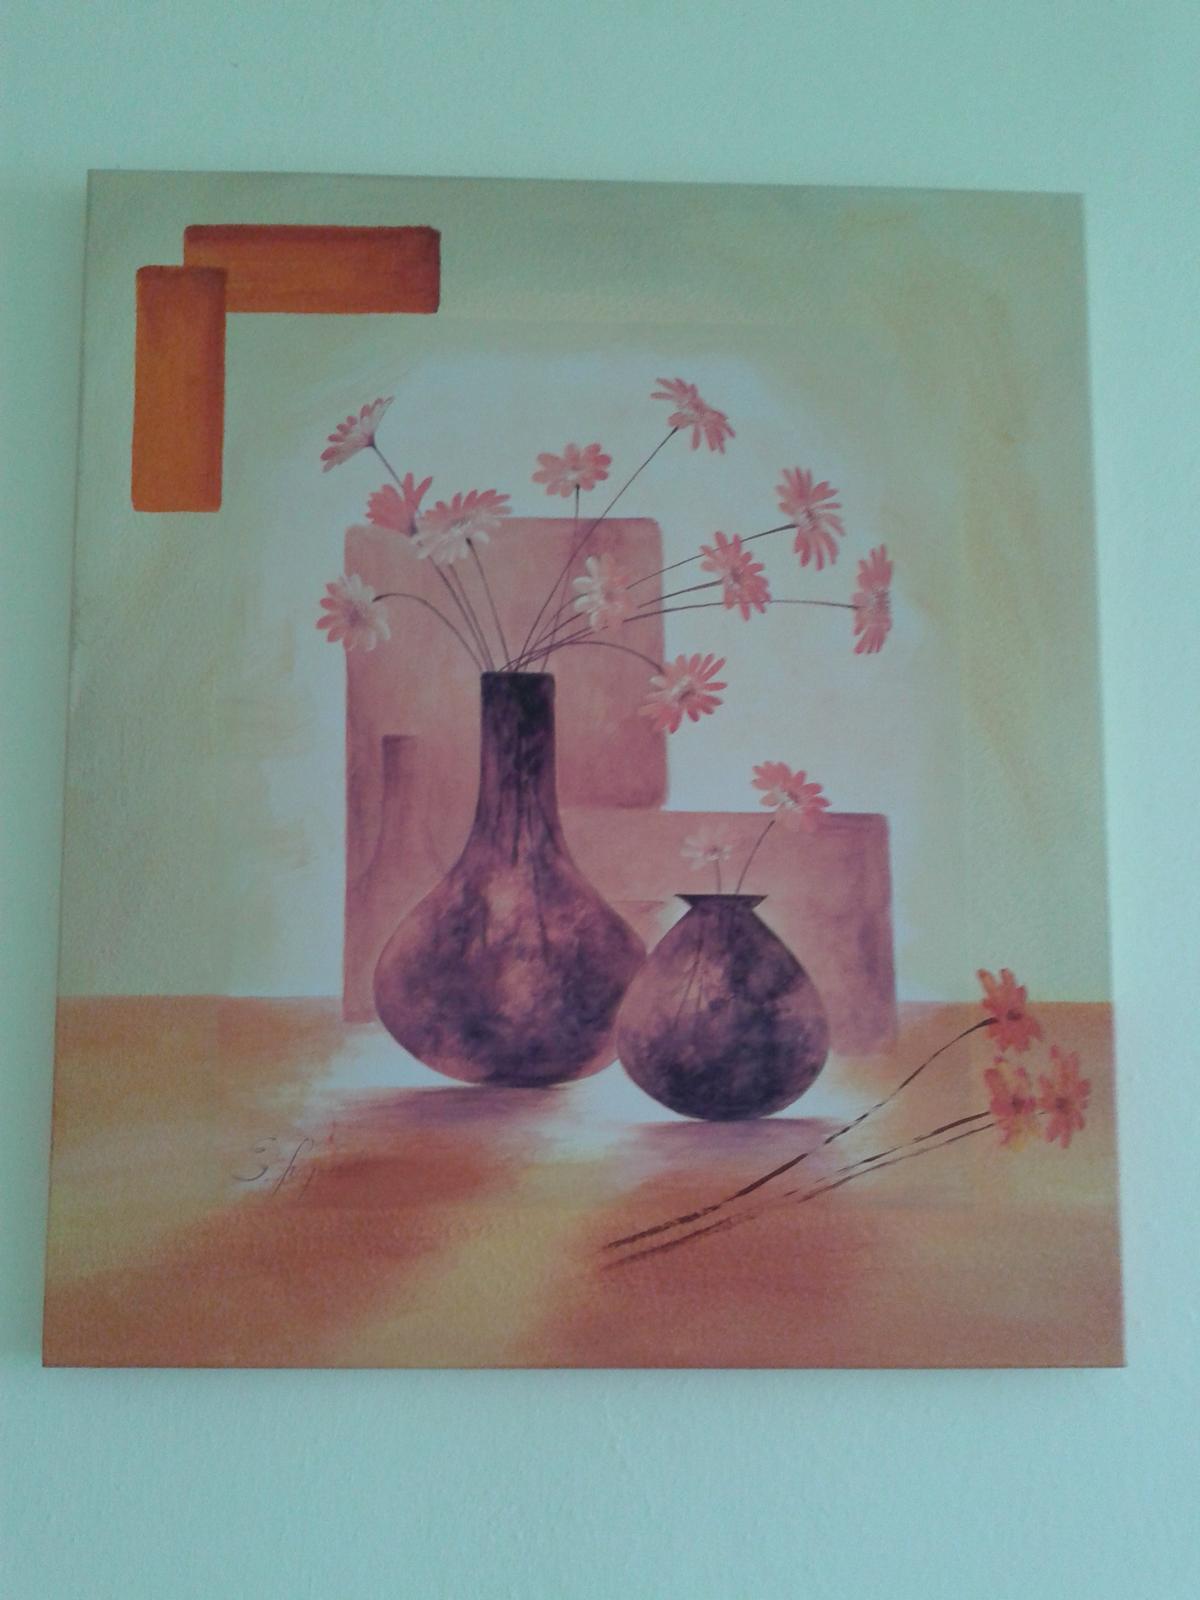 obraz - kvety vo váze - Obrázok č. 1